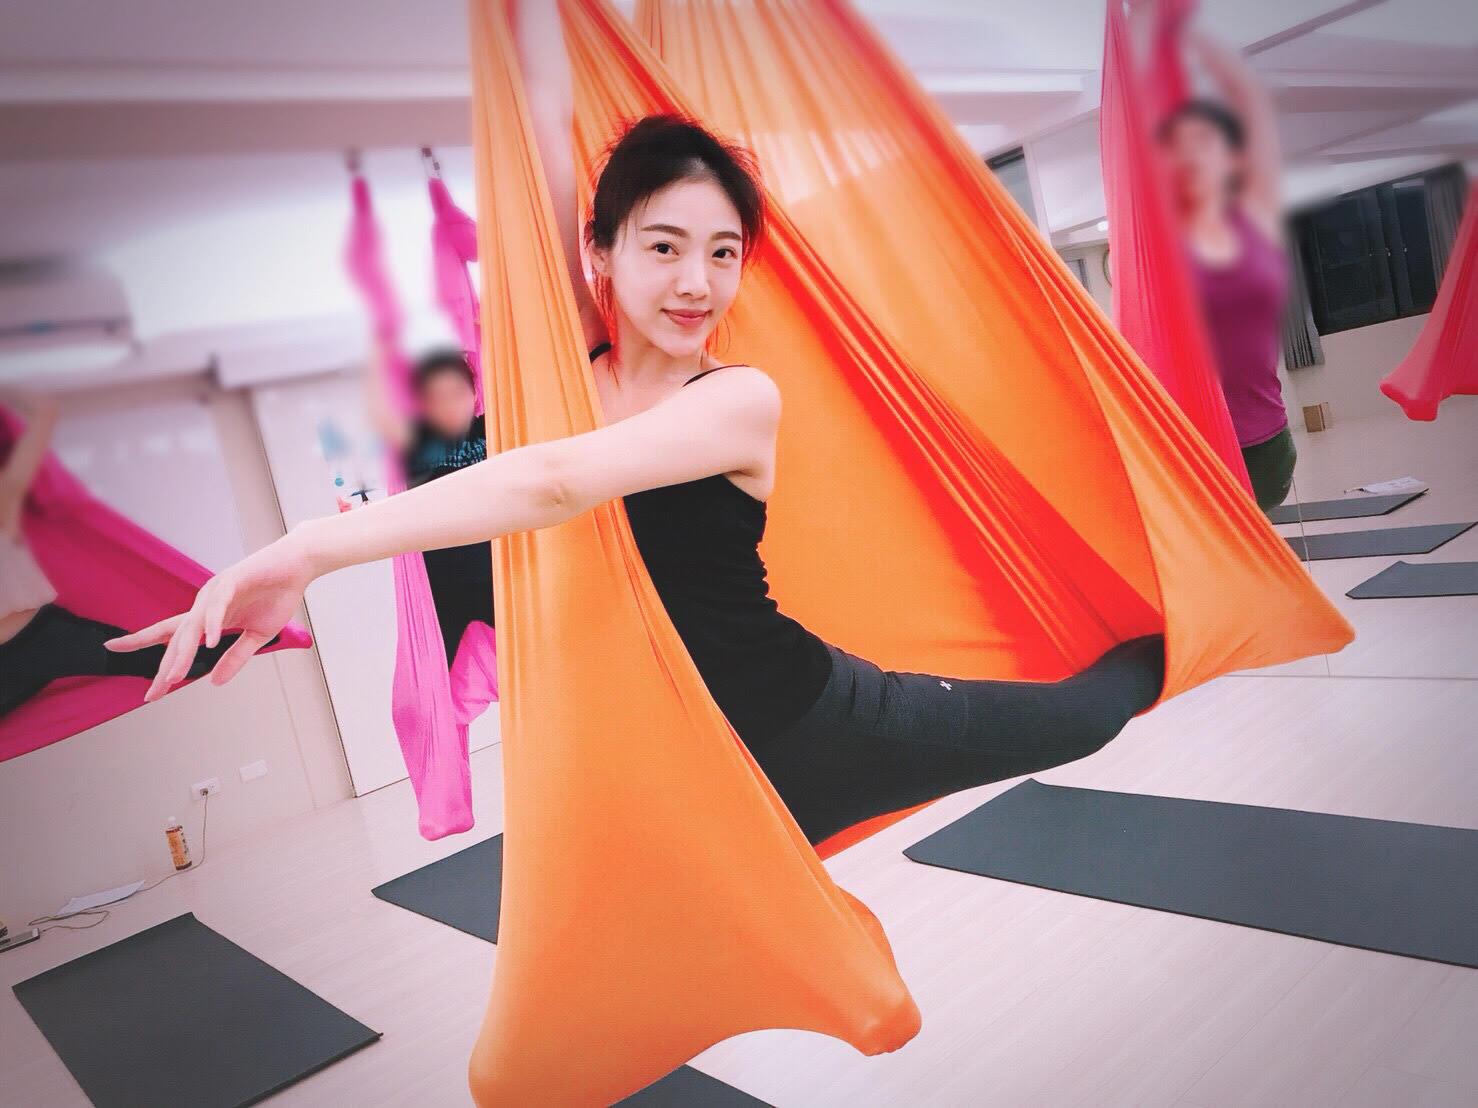 連馨的身材纖瘦修長,做起空中瑜伽特別好看!